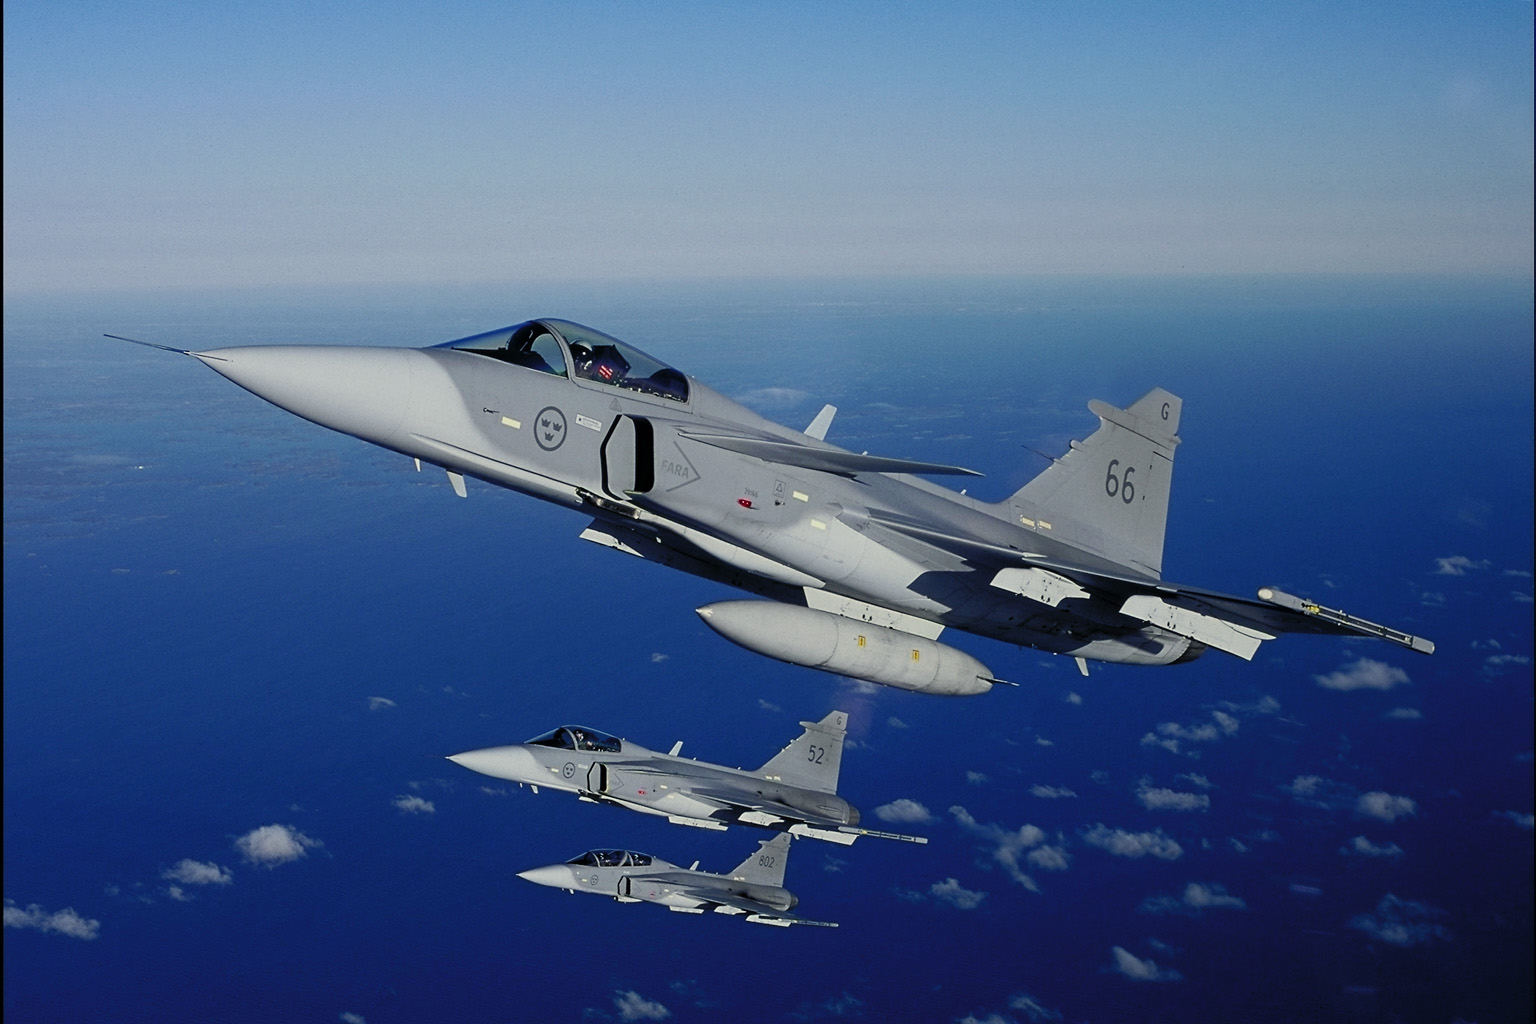 http://www.flygplan.info/images/Gripen_3.jpg